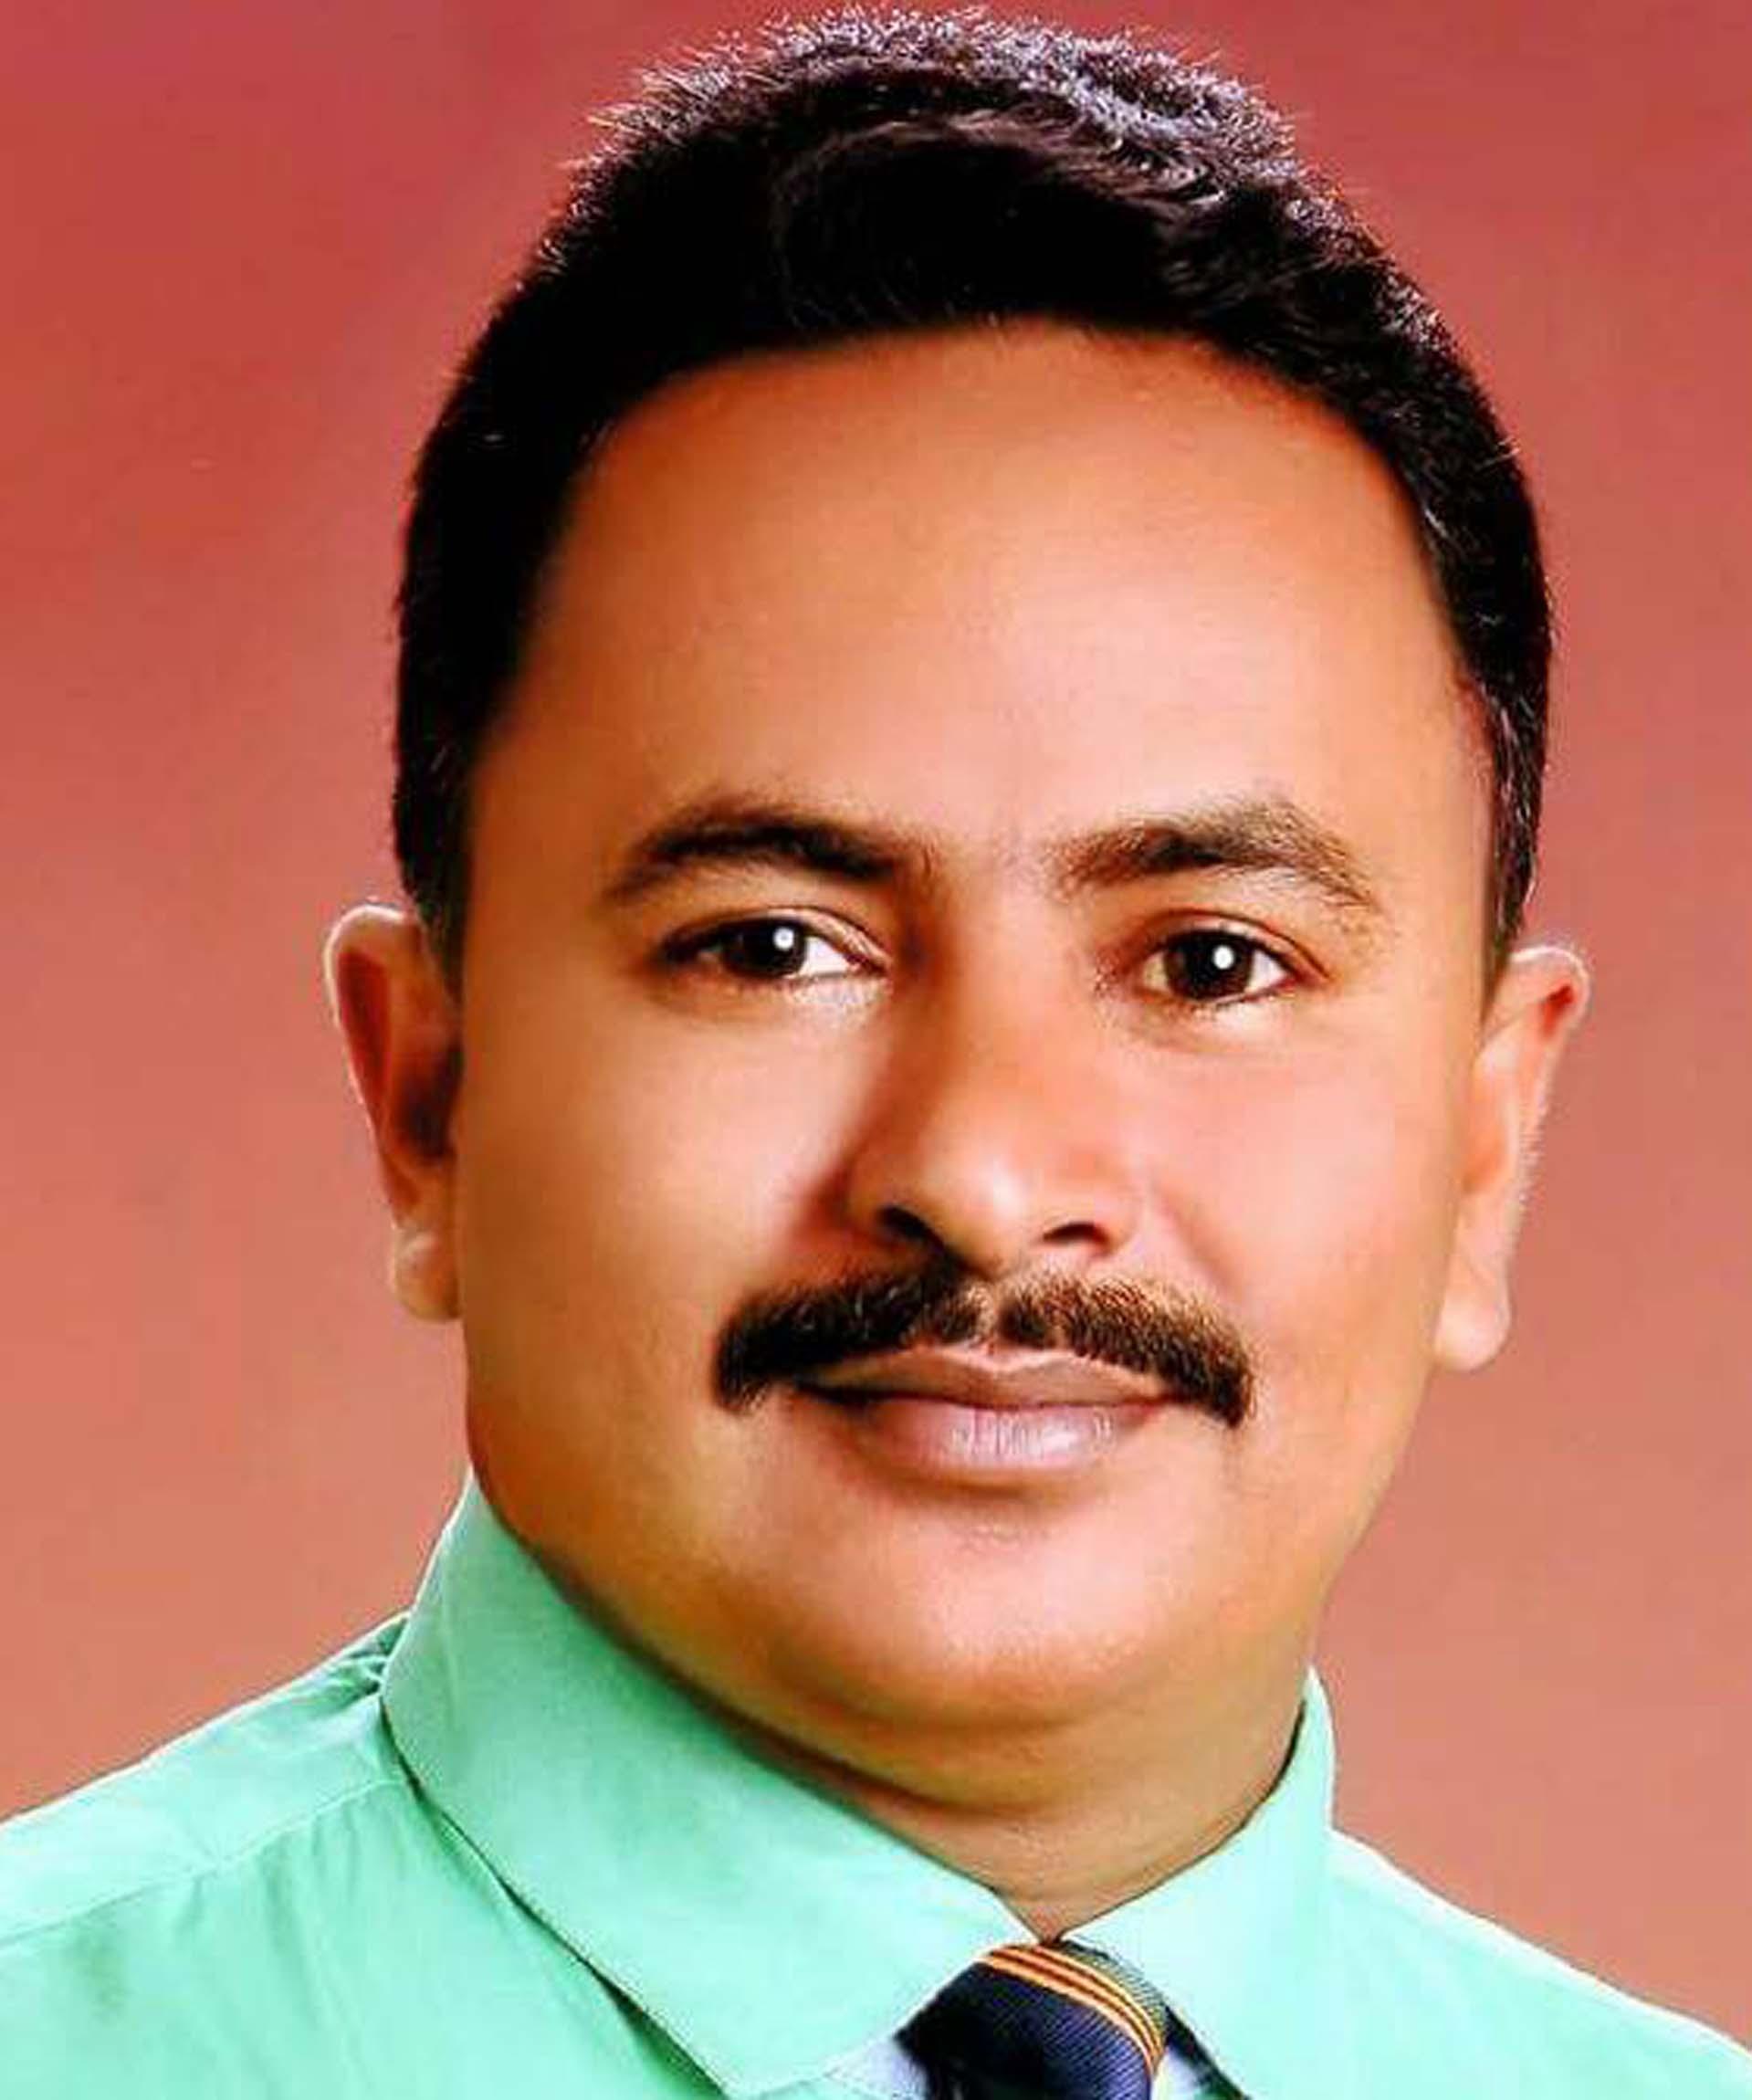 নাসির উদ্দিন মাতুব্বর বিদ্যালয় ম্যানেজিং কমিটির আবারও শ্রেষ্ঠ সভাপতি নির্বাচিত